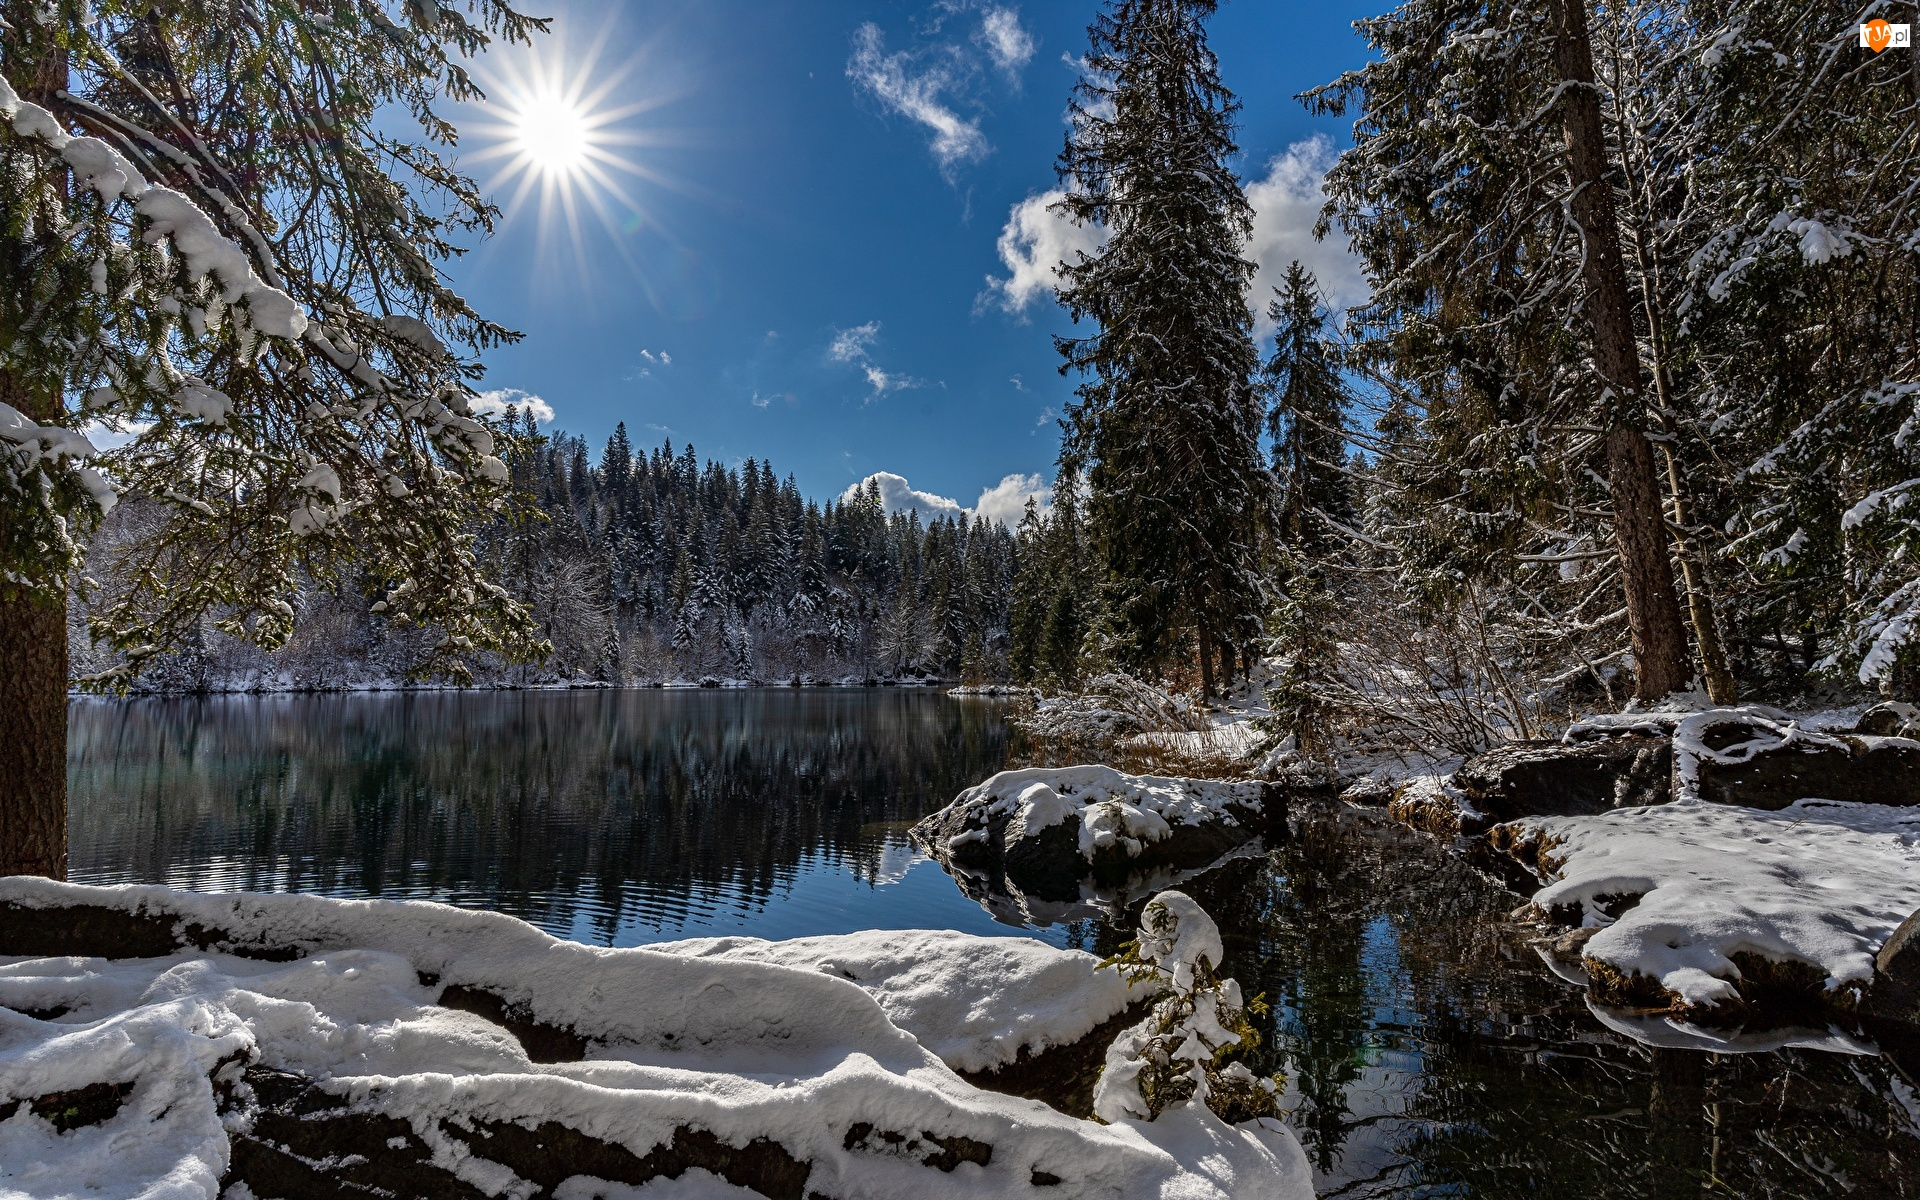 Szwajcaria, Jezioro, Kanton Gryzonia, Drzewa, Śnieg, Lake Cresta, Promienie słońca, Zima, Las